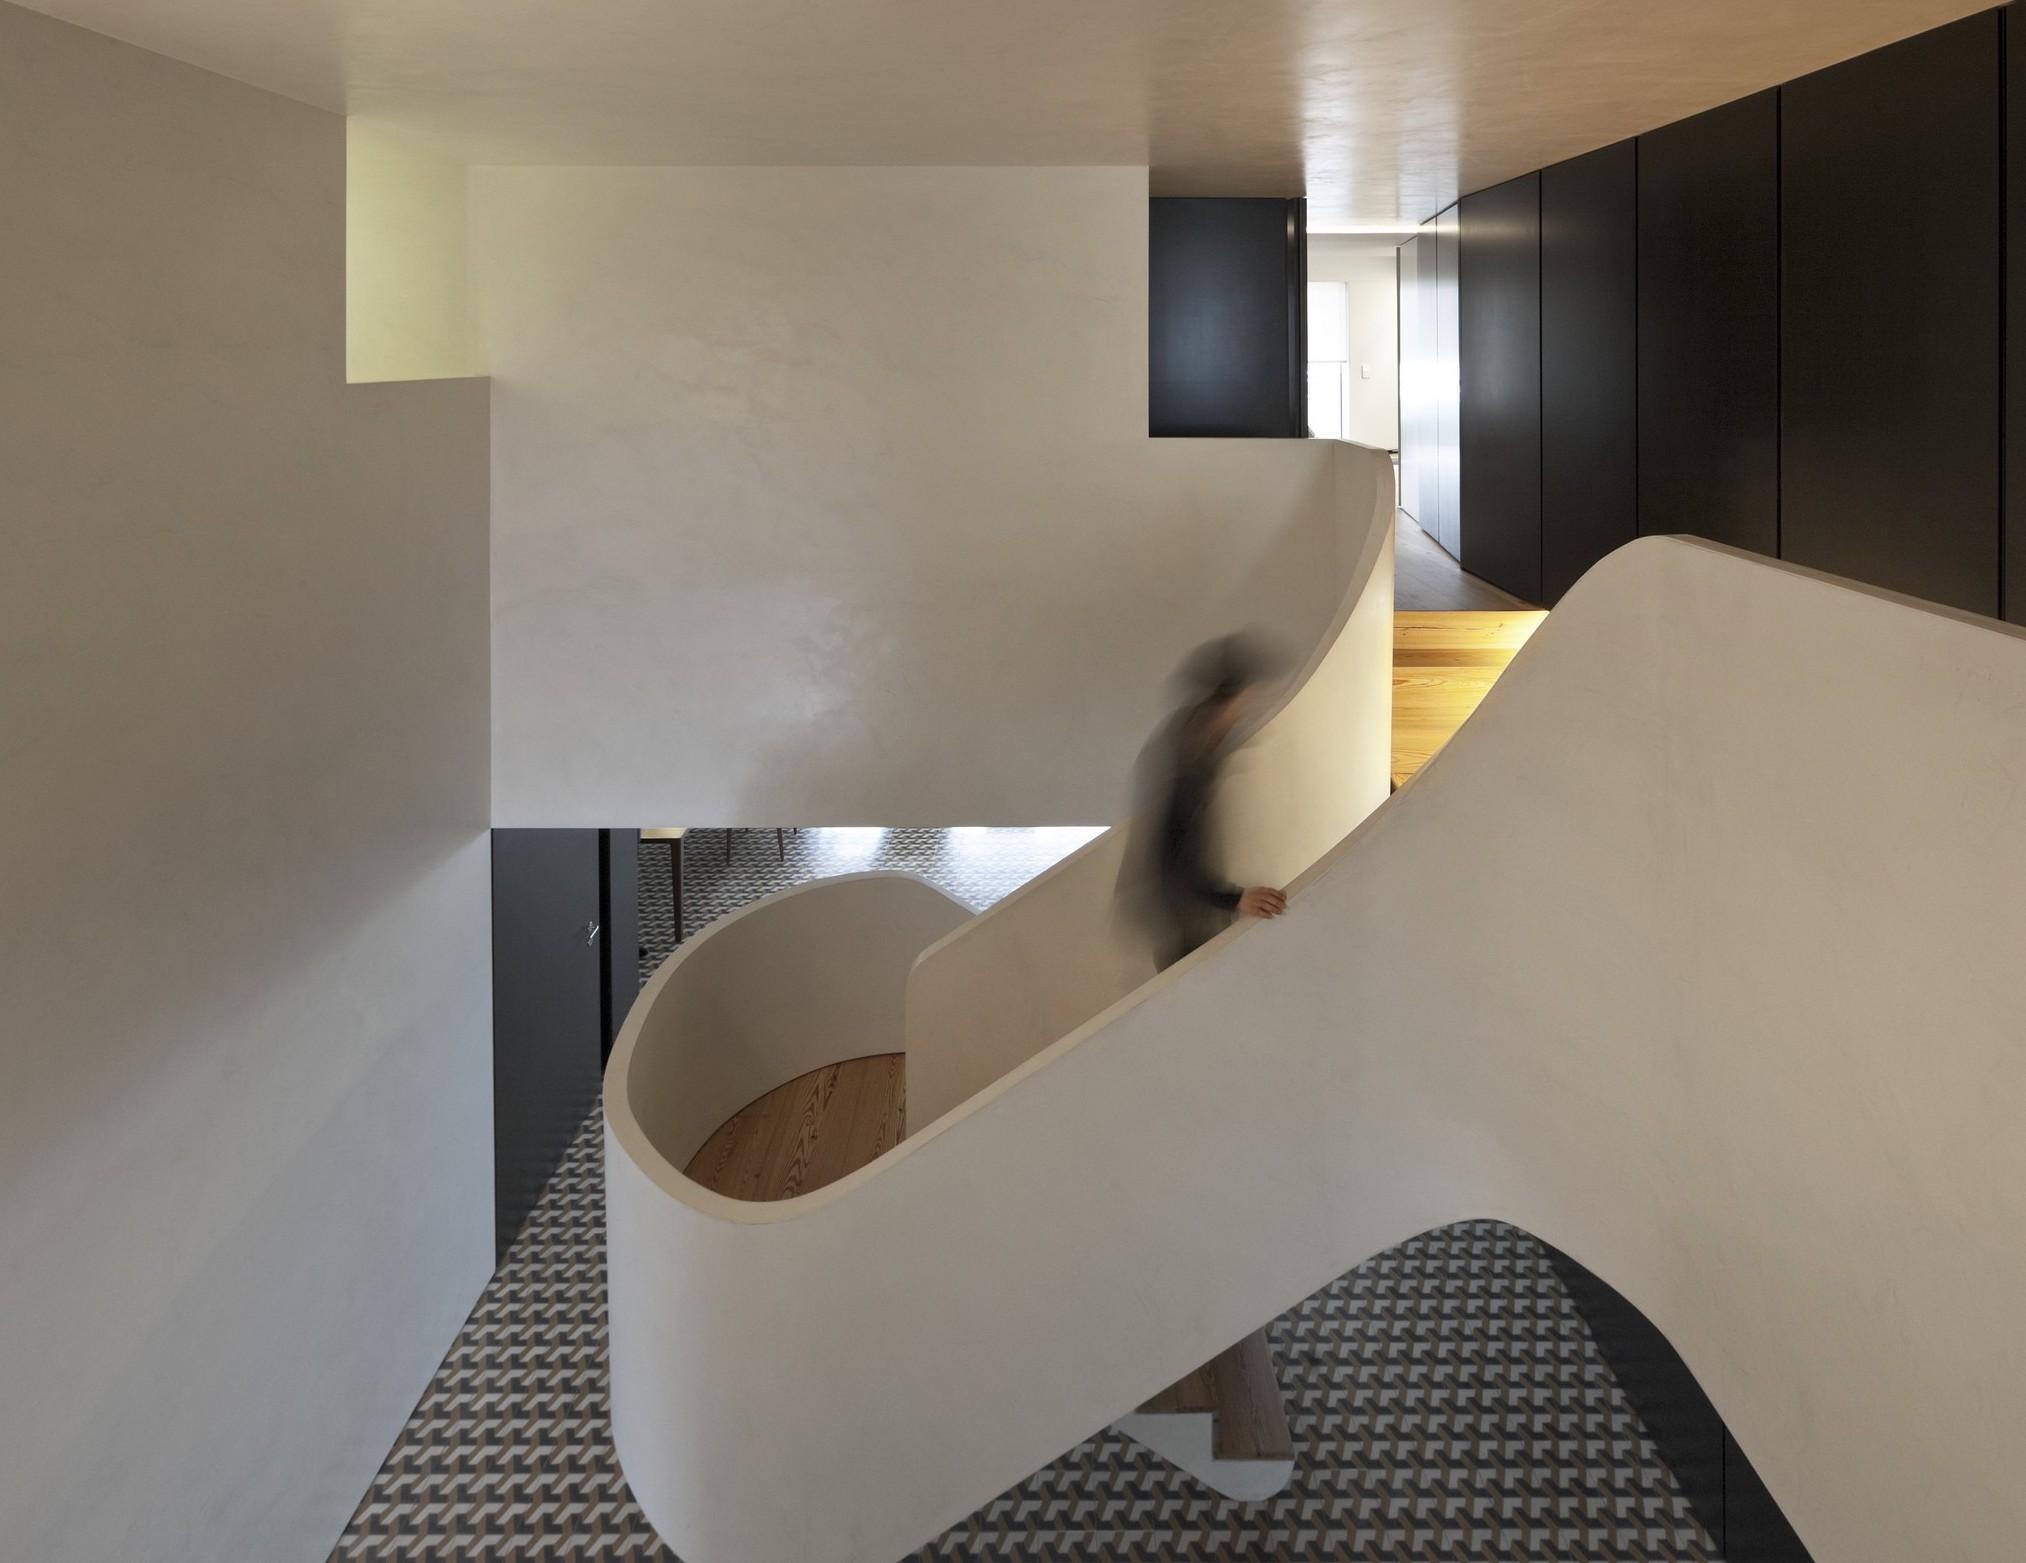 acquastone_Apartamento Portugal, escaleras, baños  (2).jpg